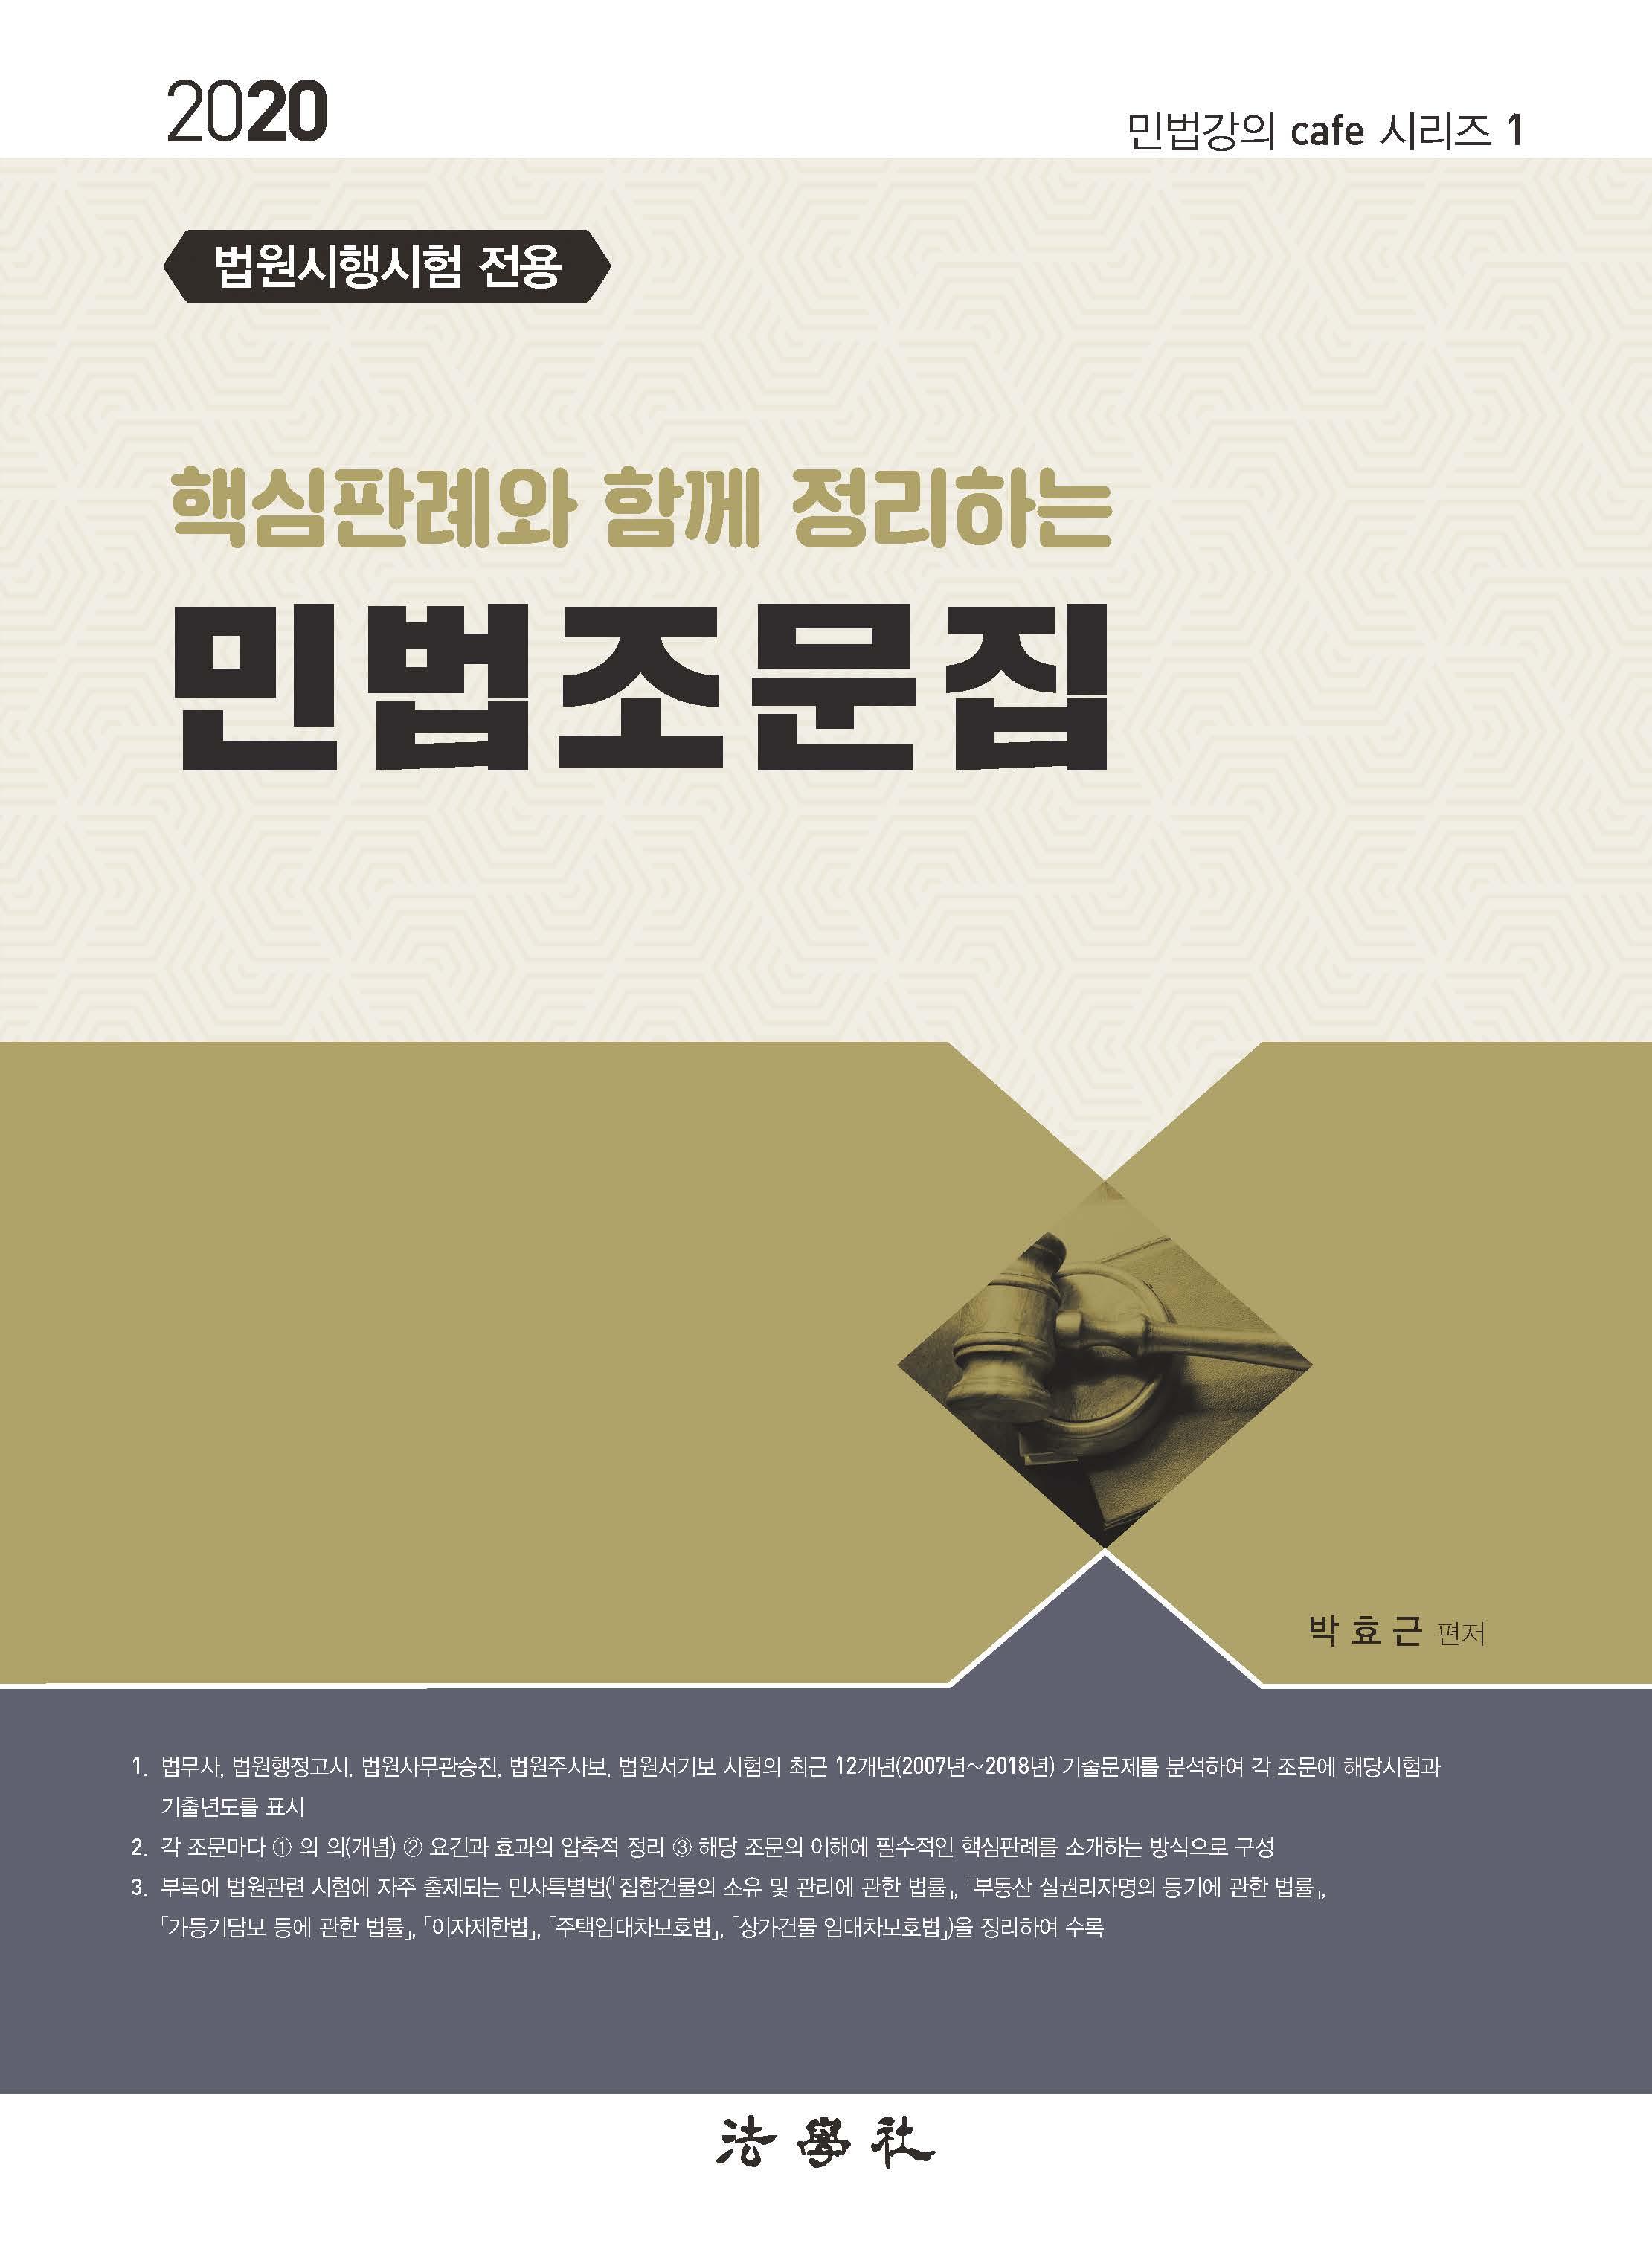 [법무사] 2020 핵심판례와 함께 정리하는 민법조문집 (박효근저)